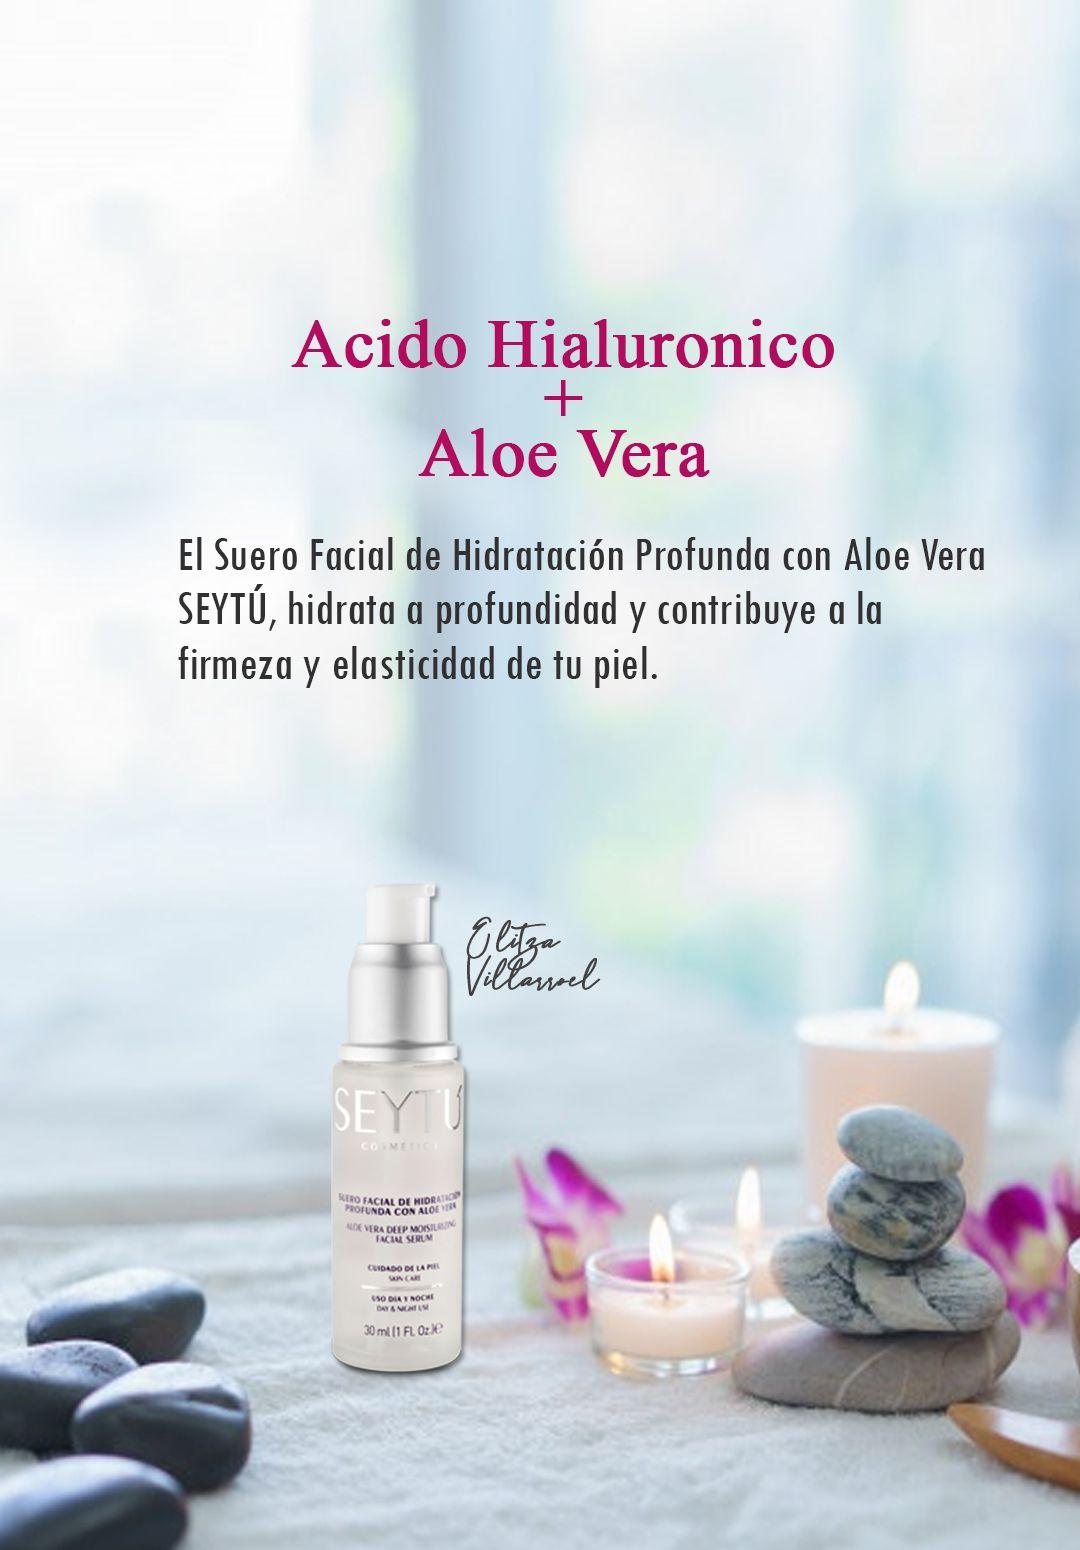 ácido Hialuronico áloe Vera In 2020 Hand Soap Bottle Soap Bottle Facial